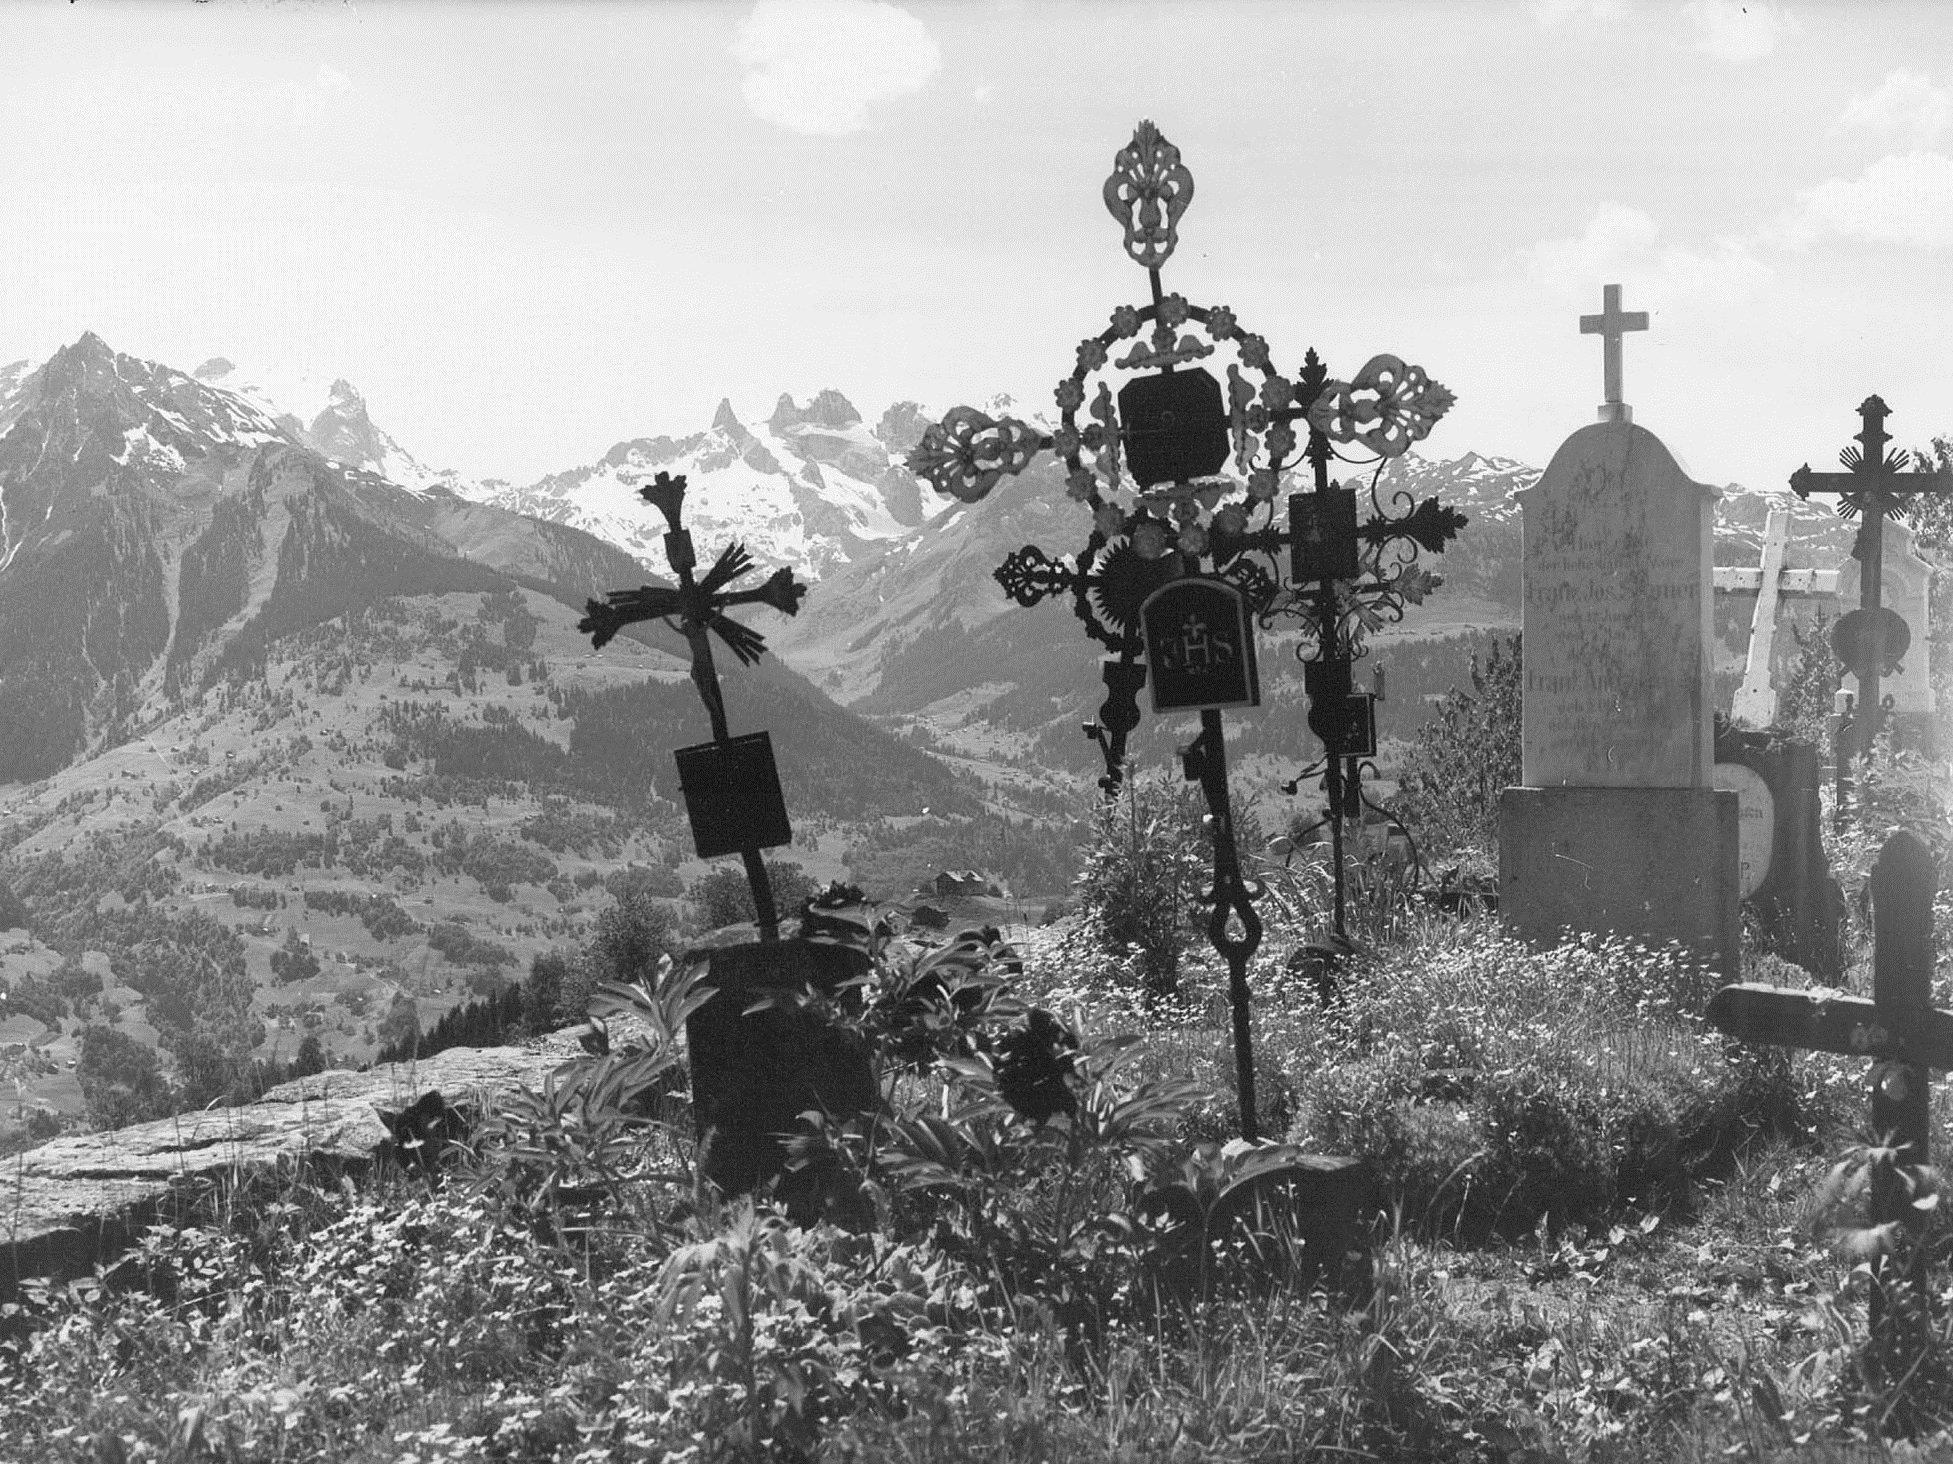 Internationale Experten tagen vier Tage lang zu dem Thema «Sterben in den Bergen